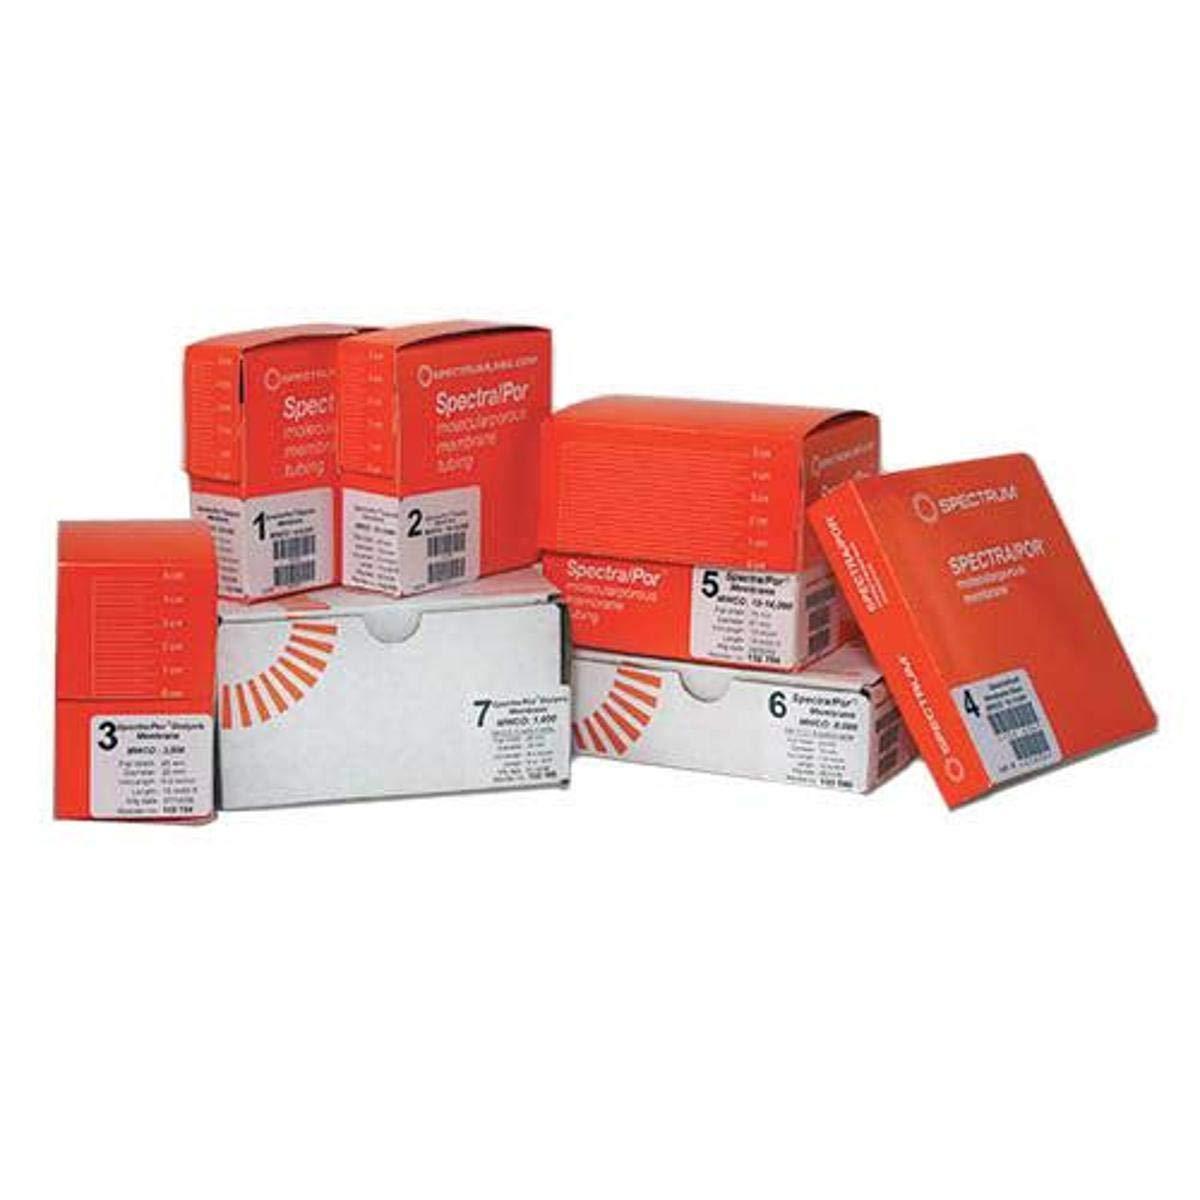 New sales Spectrum Department store 132560 Multi-Purpose Dialysis Tubing 15000 mm 10 MWCO